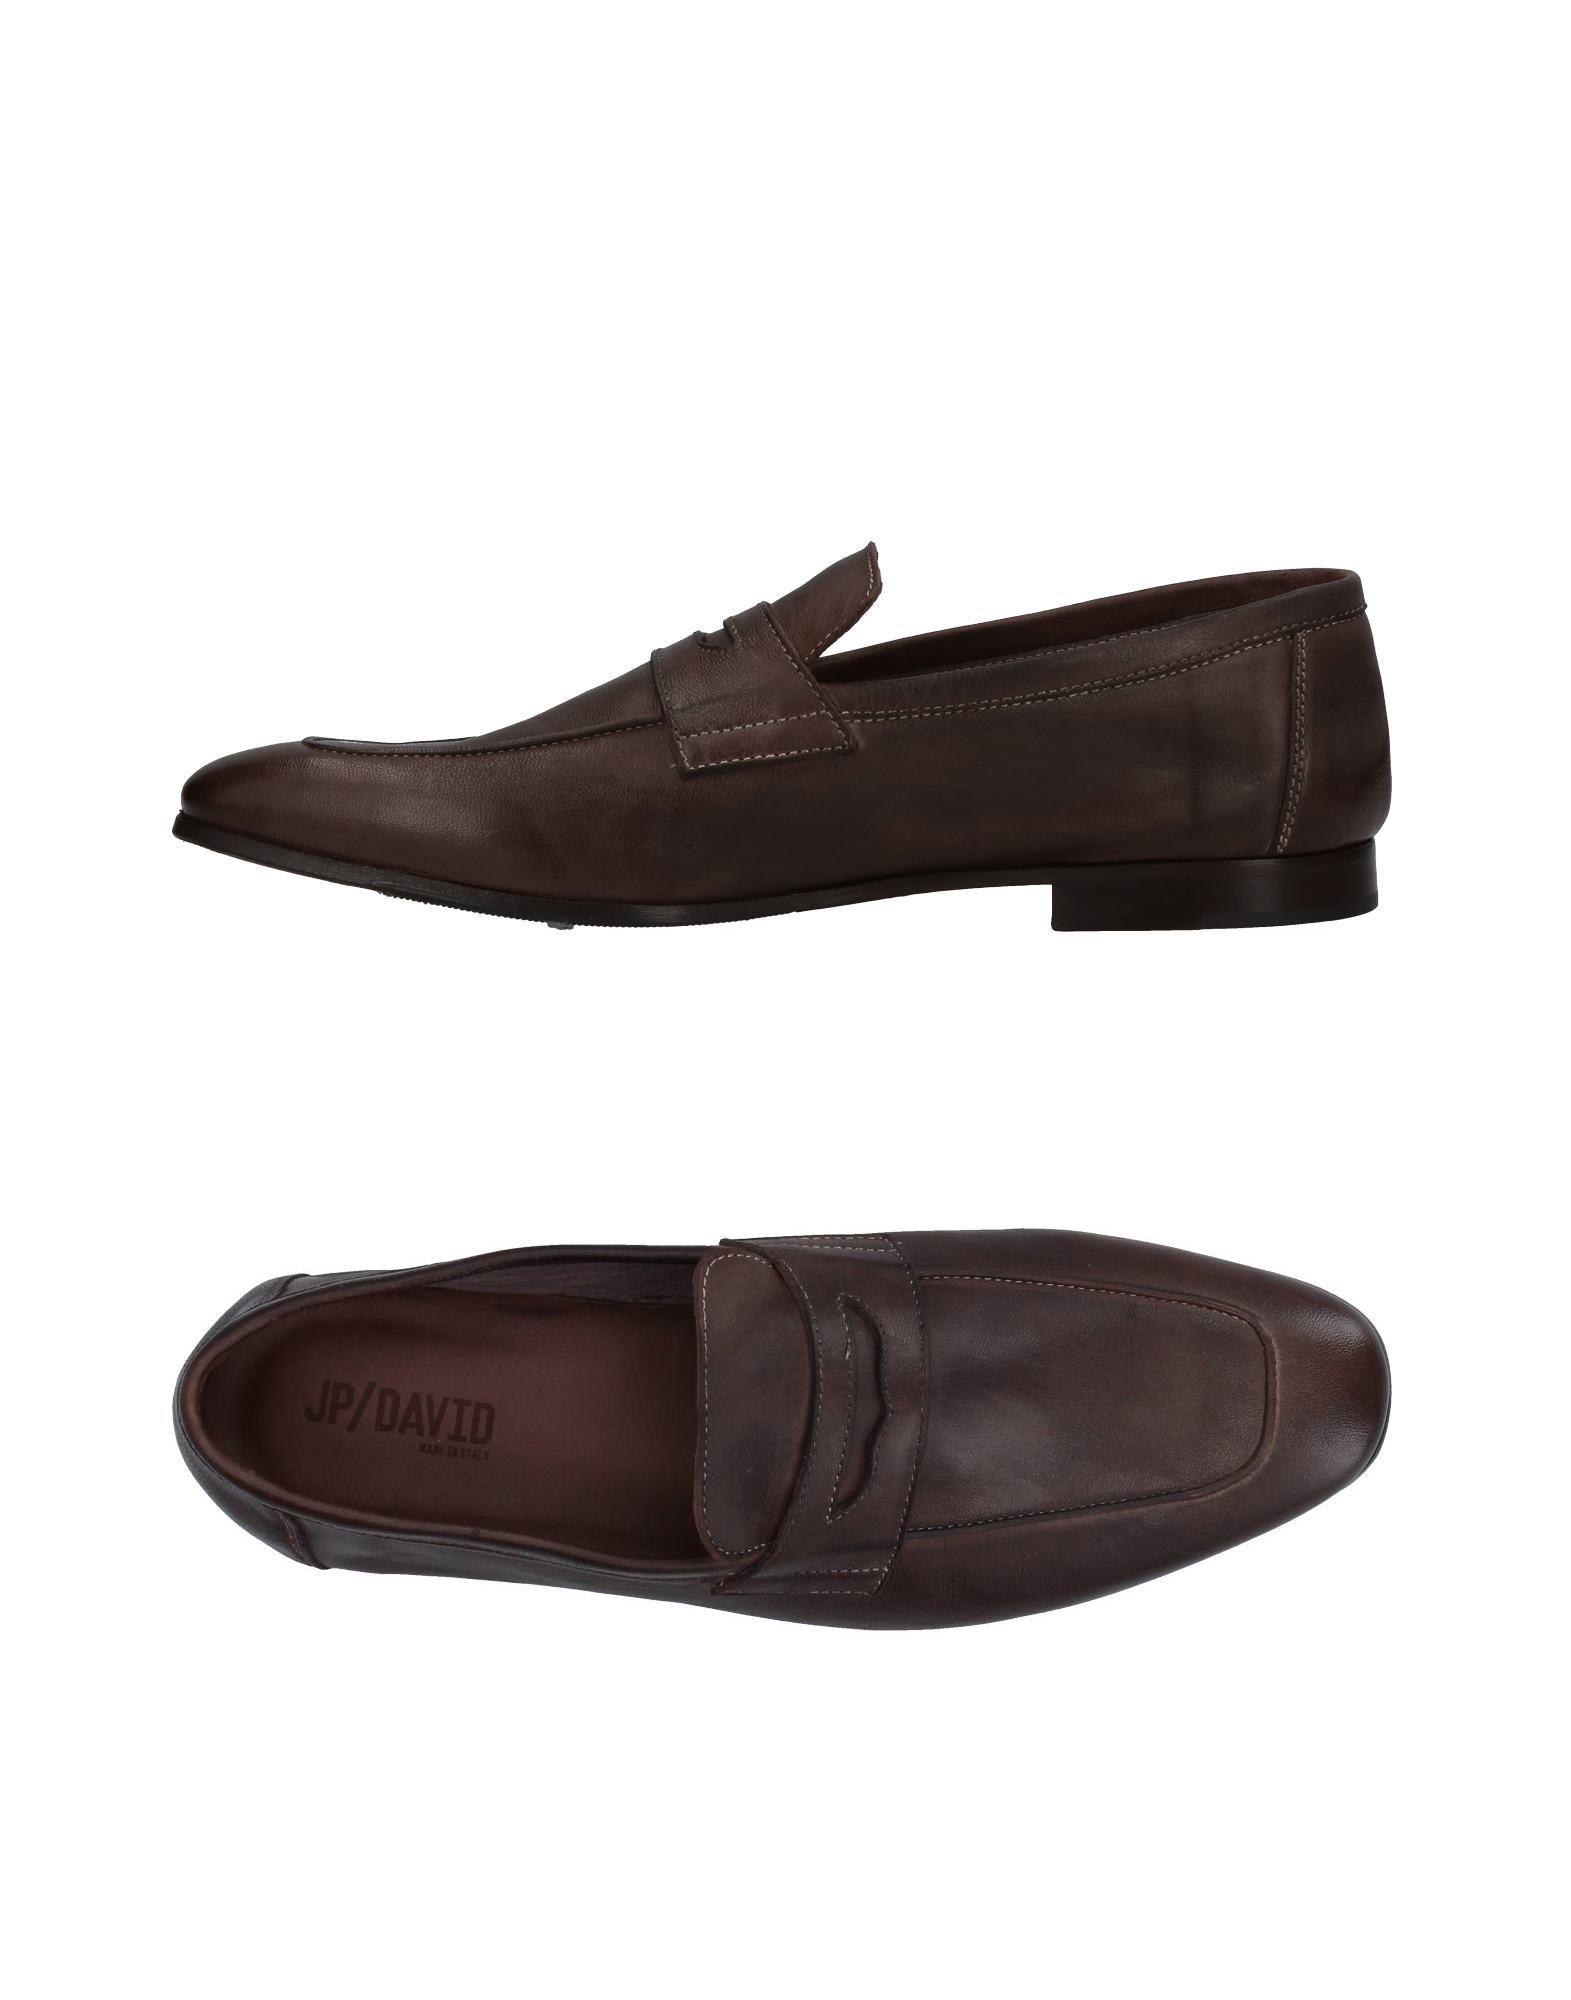 Günstige und modische Schuhe Jp/David Mokassins Herren  11368479EU